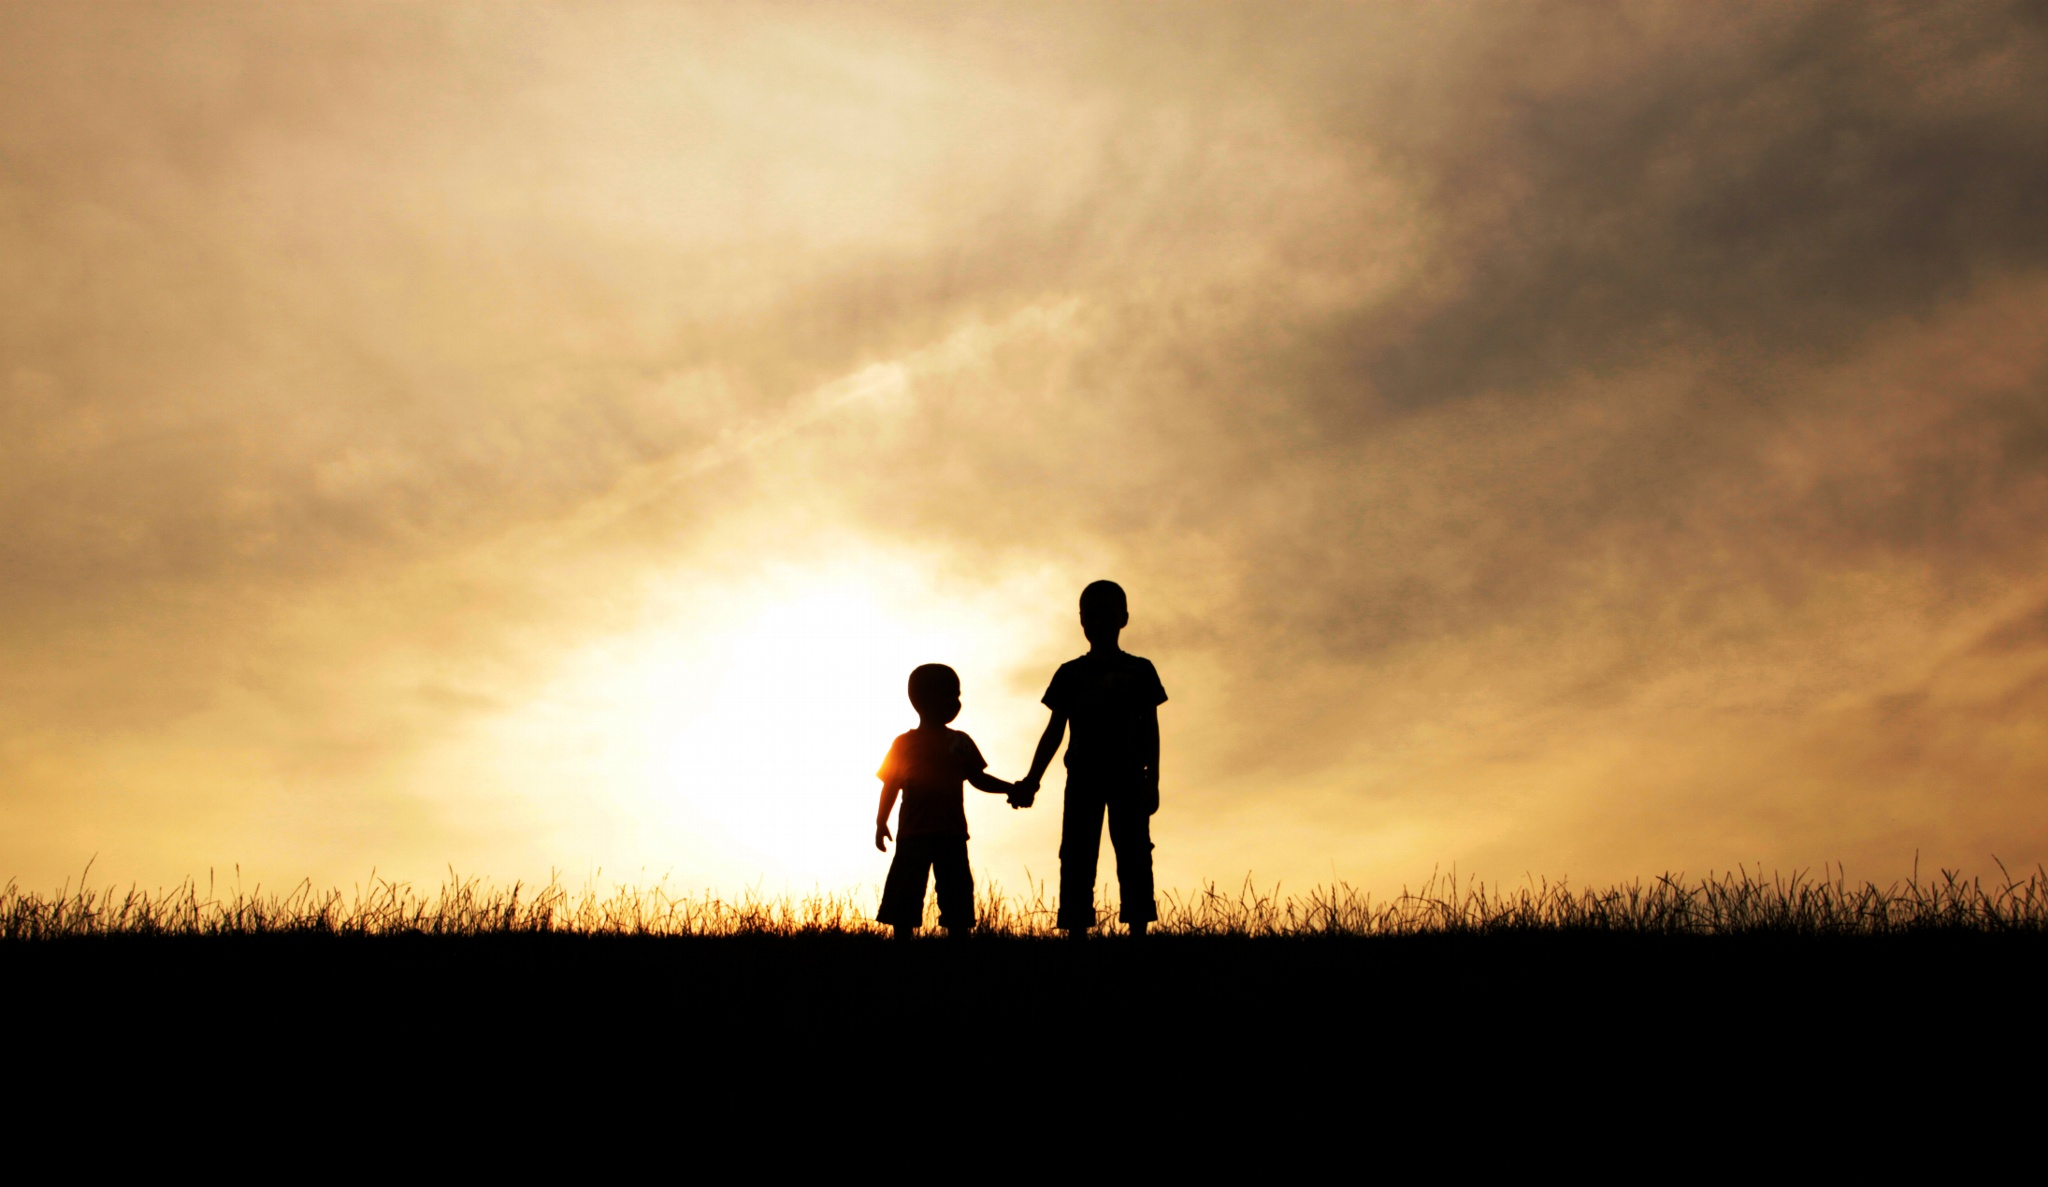 Ảnh hai đứa trẻ nắm tay nhau đón hoàng hôn